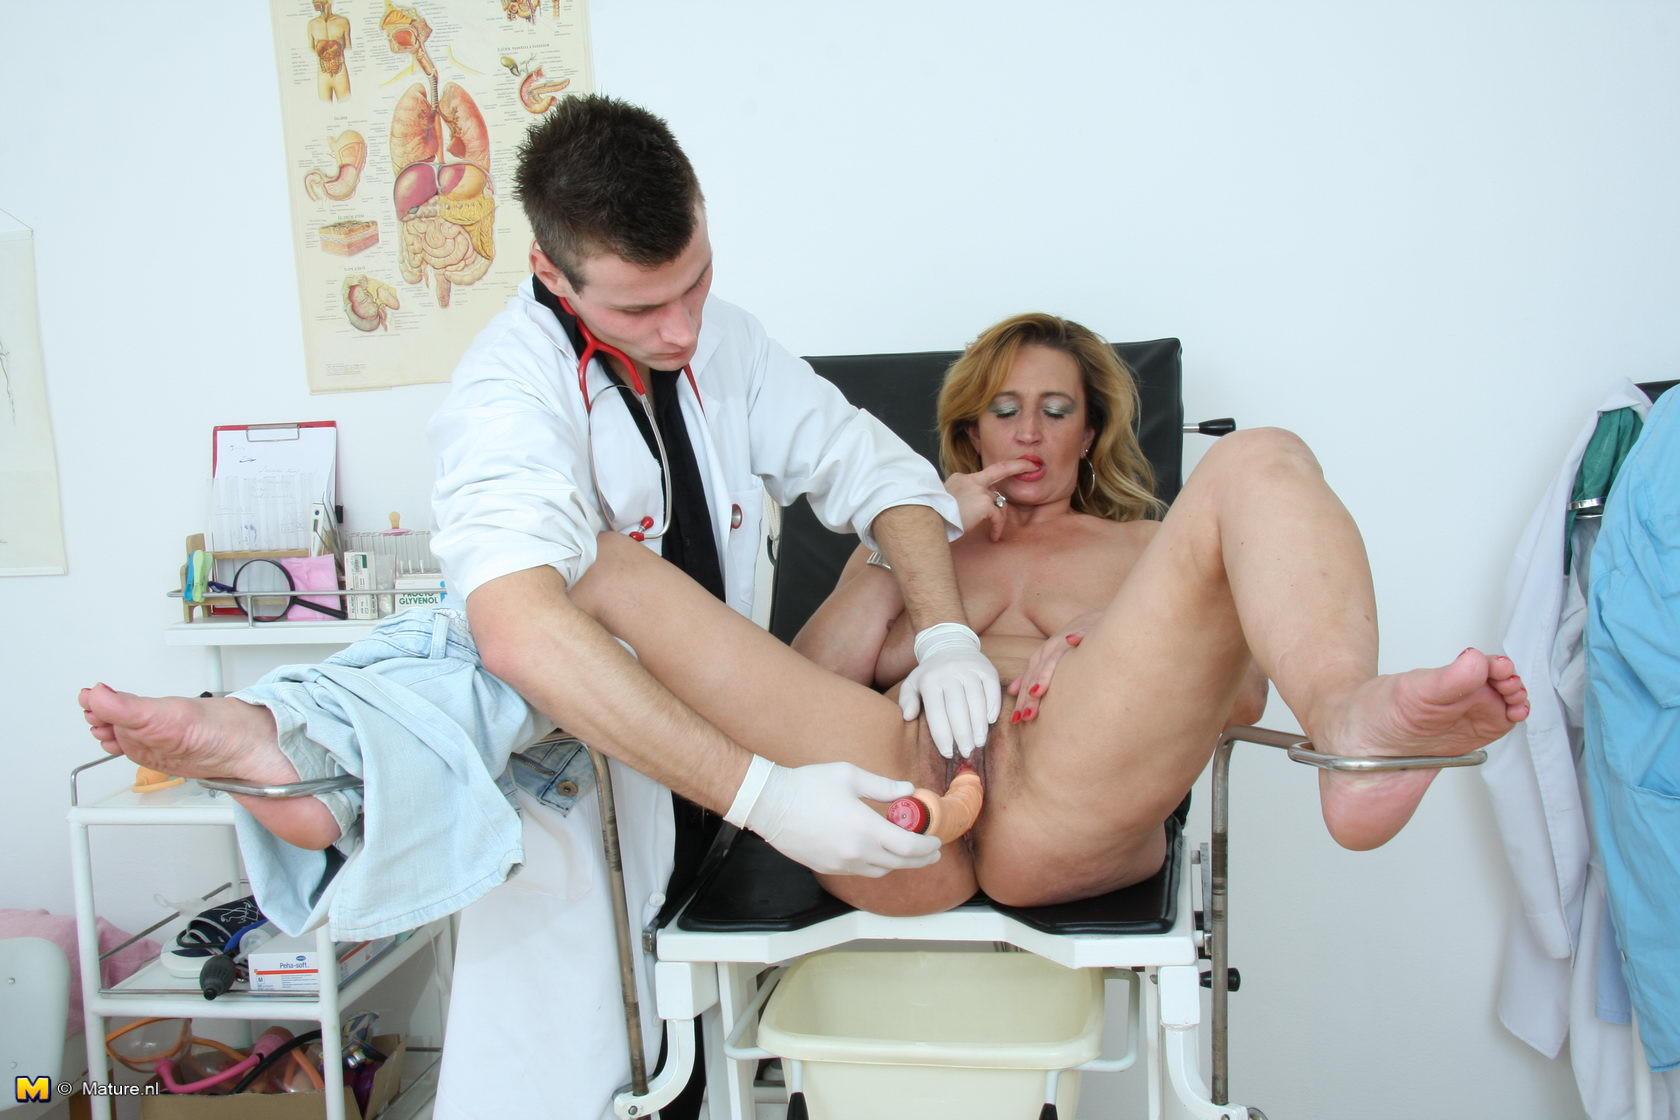 видео оргазм кабинет гинеколога процессе были